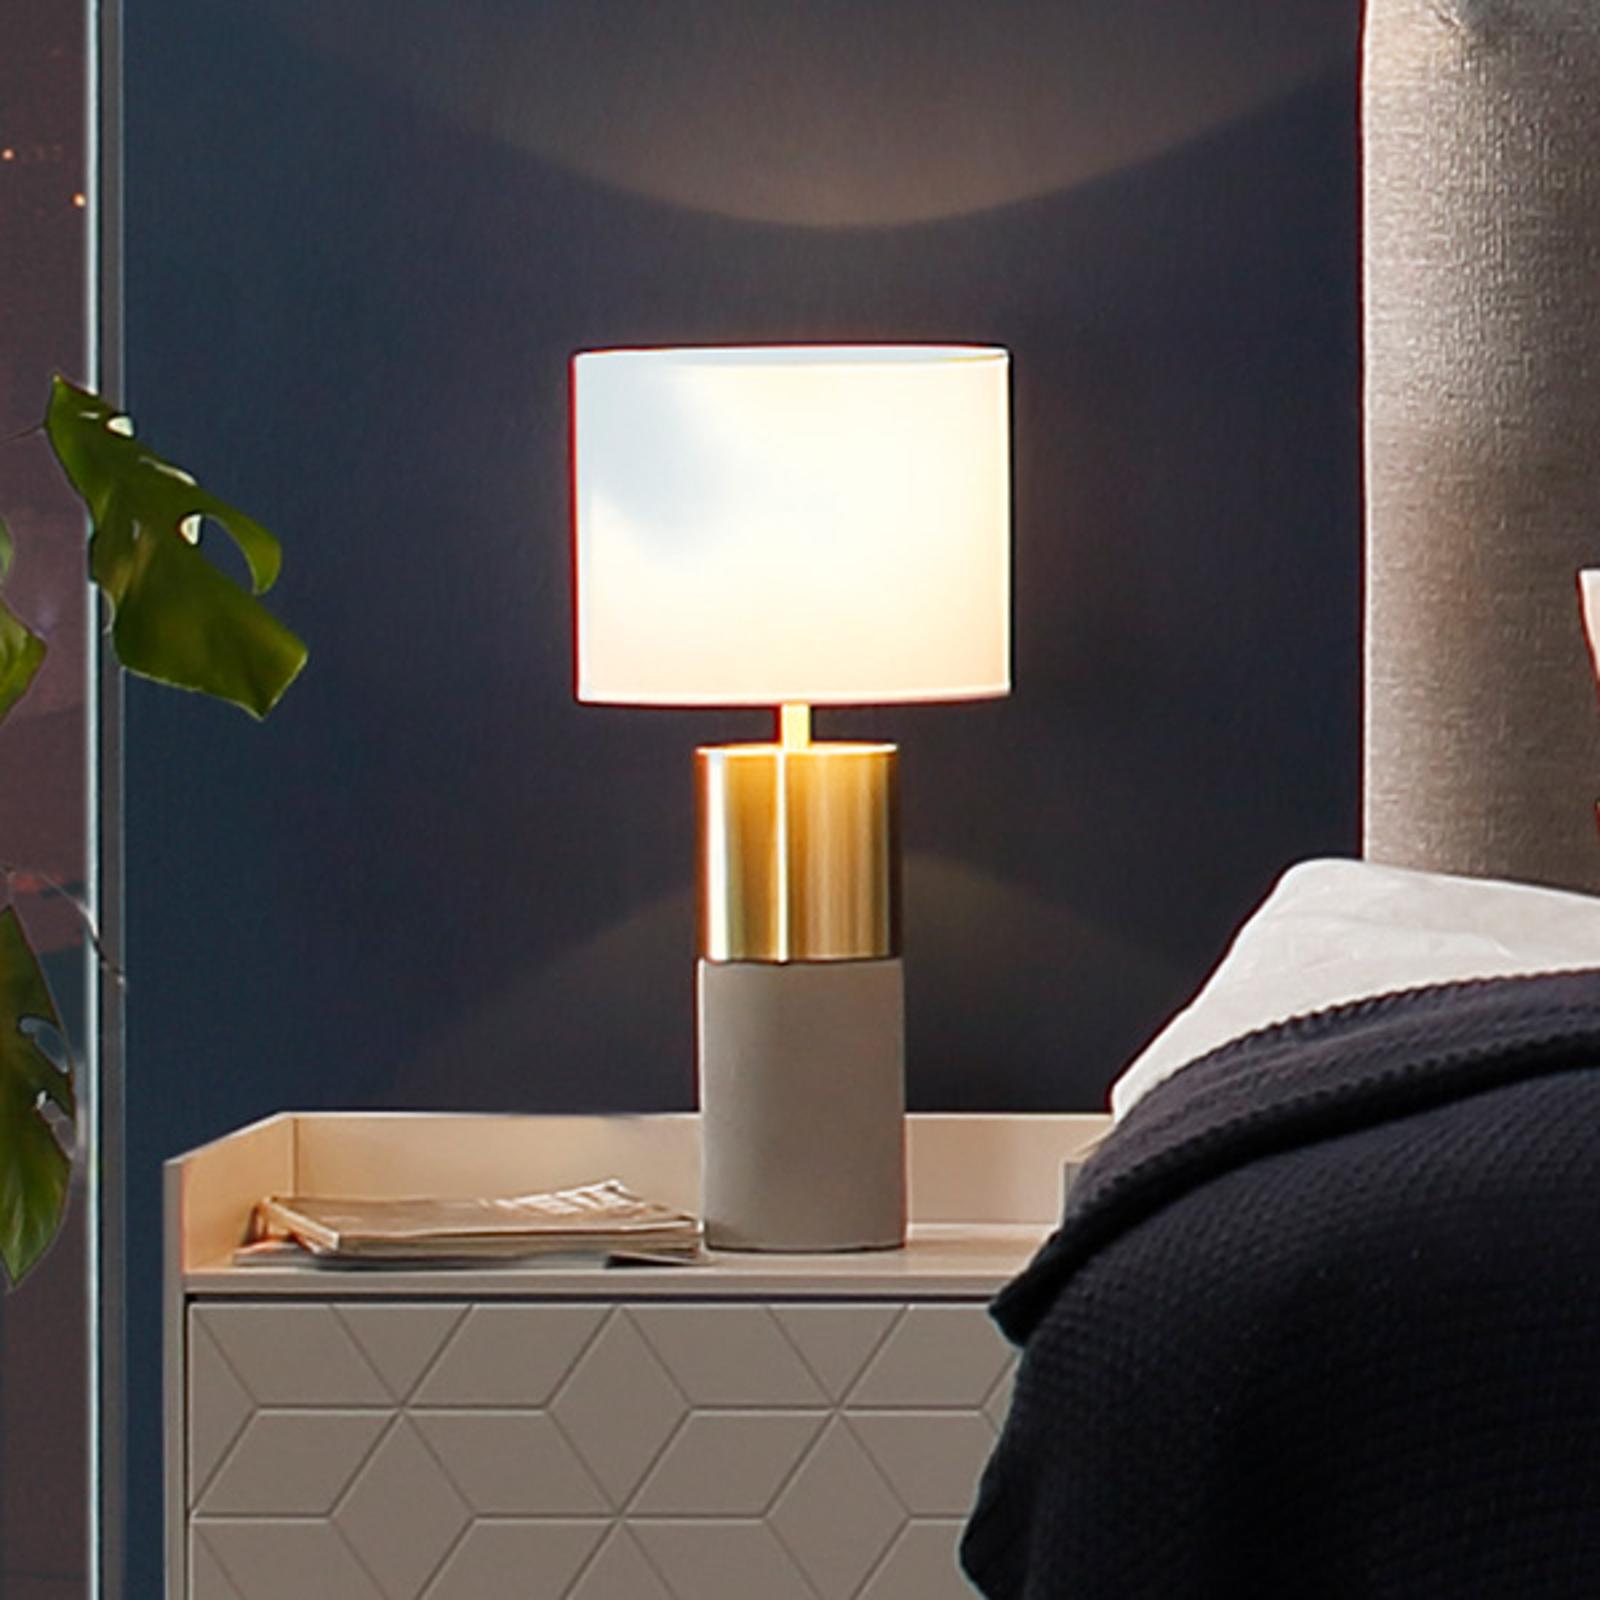 Villeroy & Boch Turin bordlampe, betongstil 33 cm